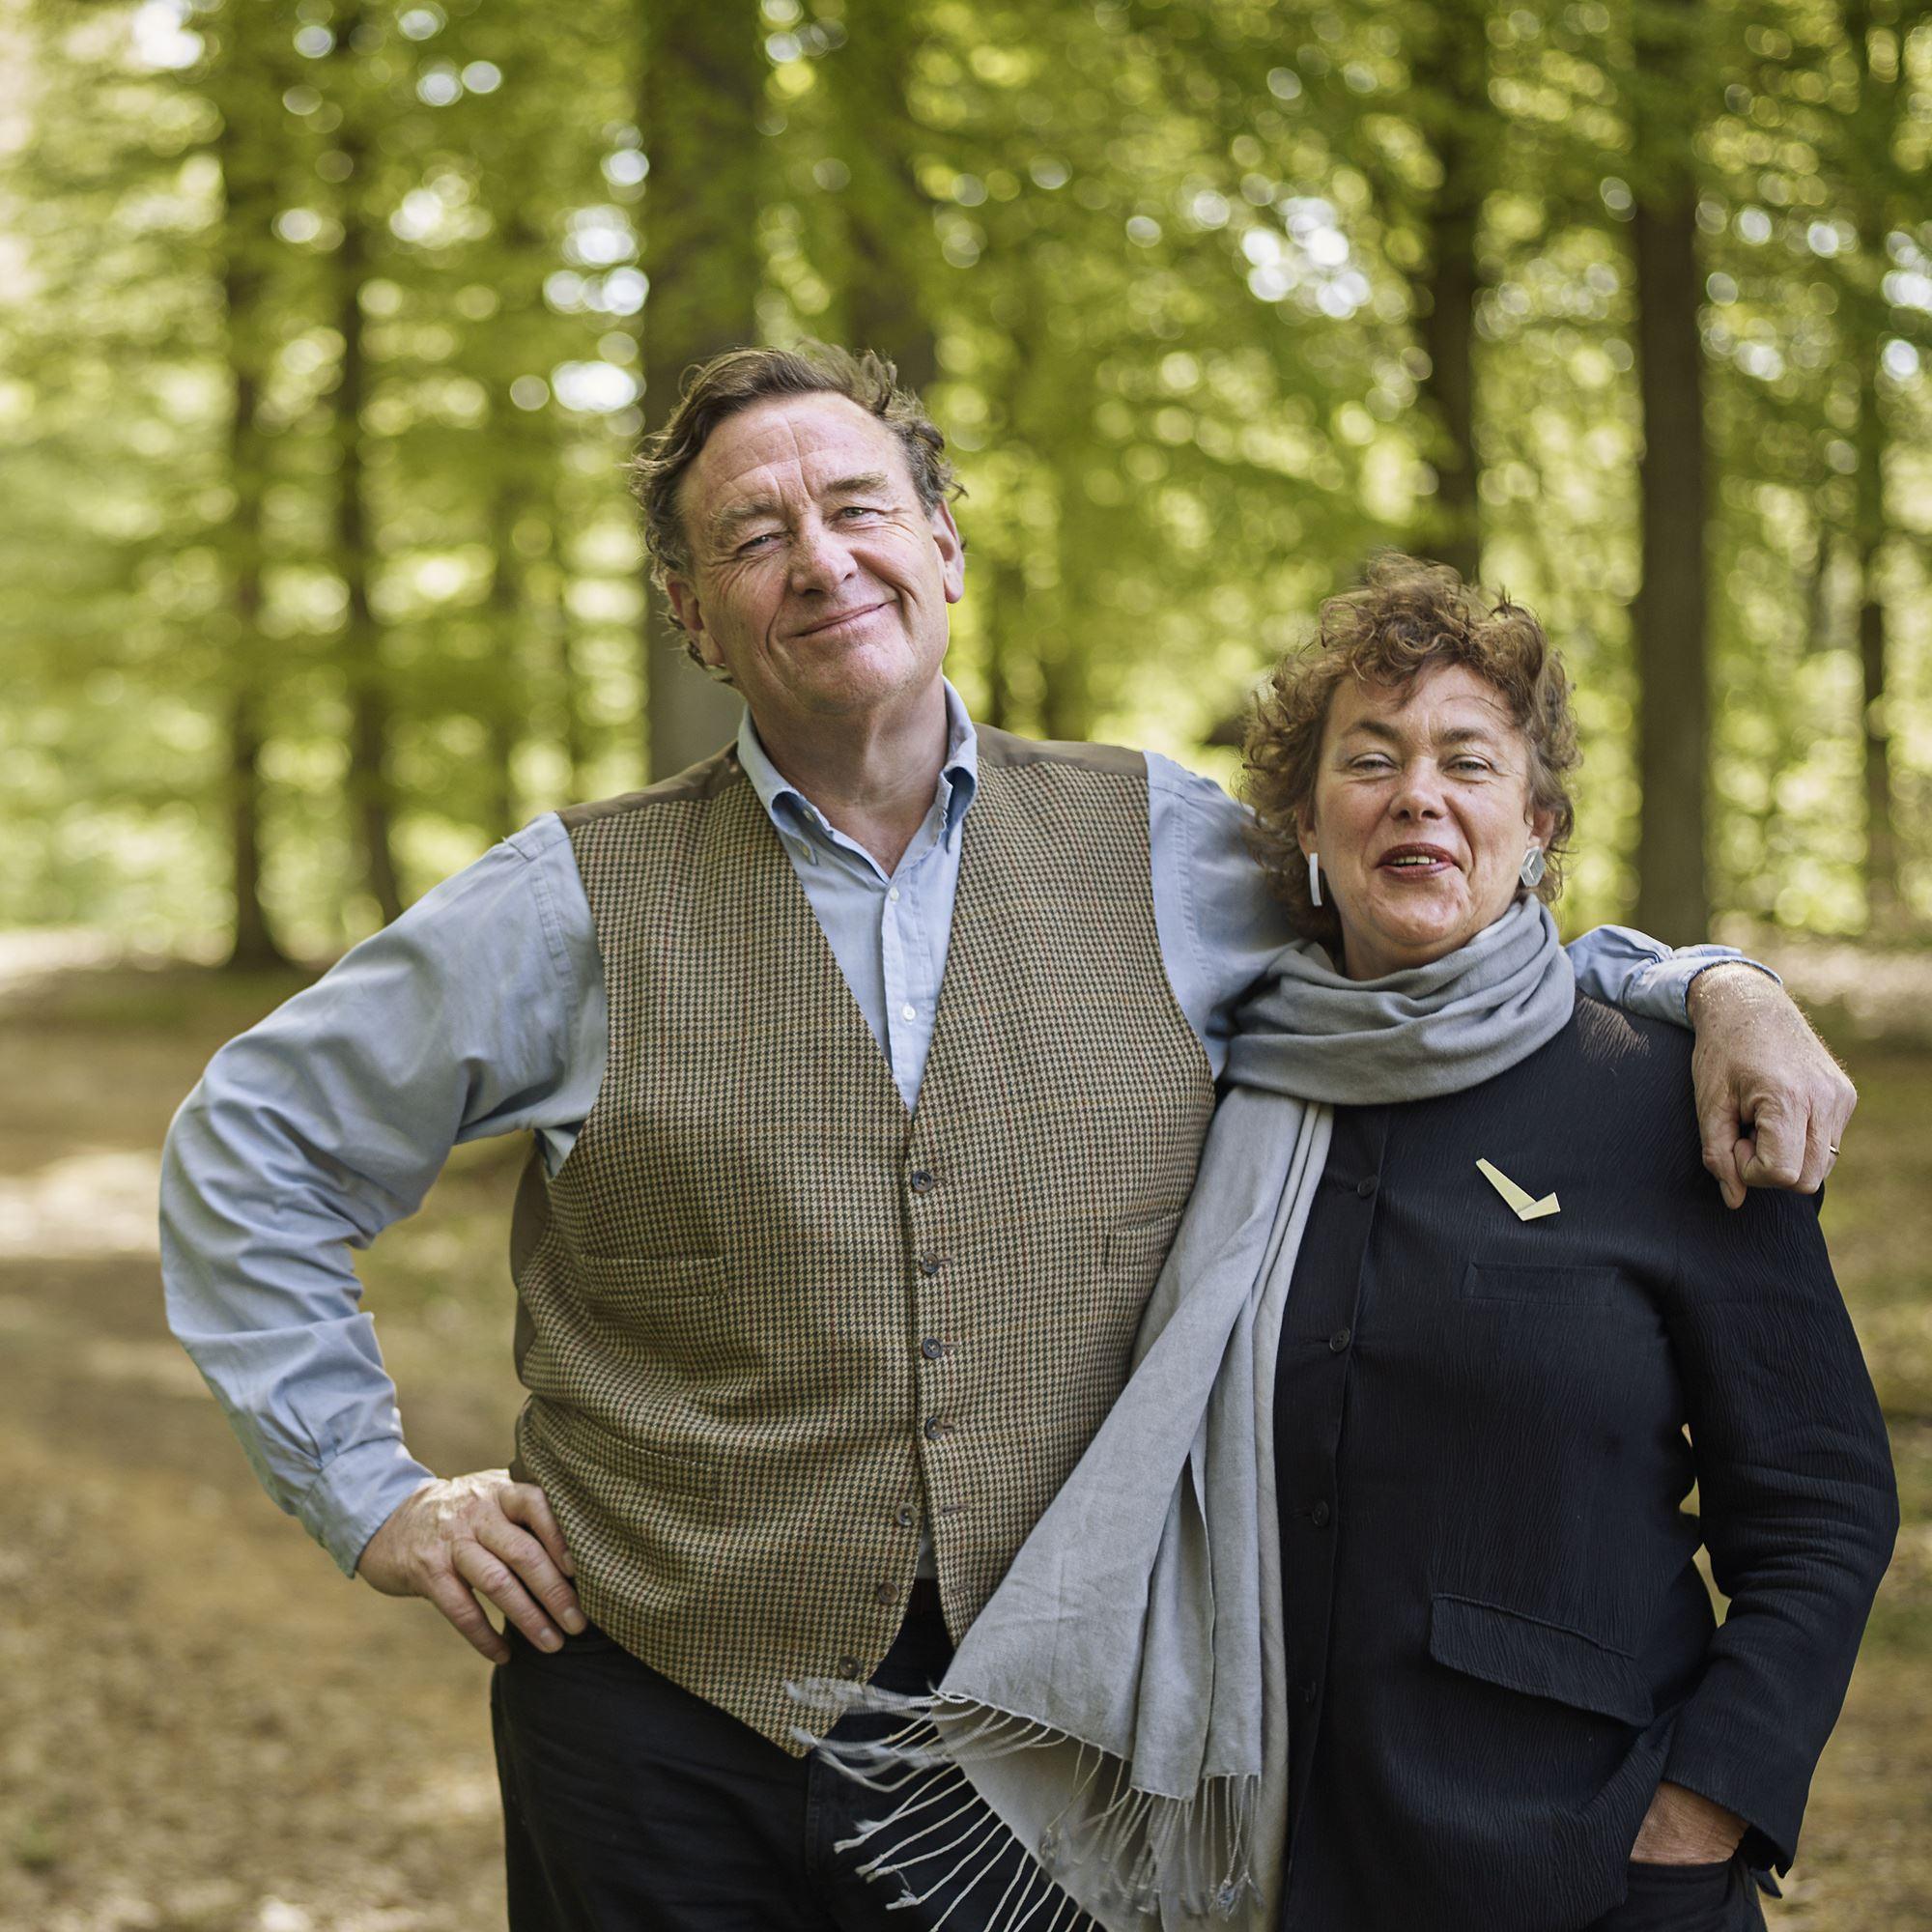 Fotograf: Peo Olsson,  Marika och CG Wachtmeister - konst, kor och kärlek på Wanås slott